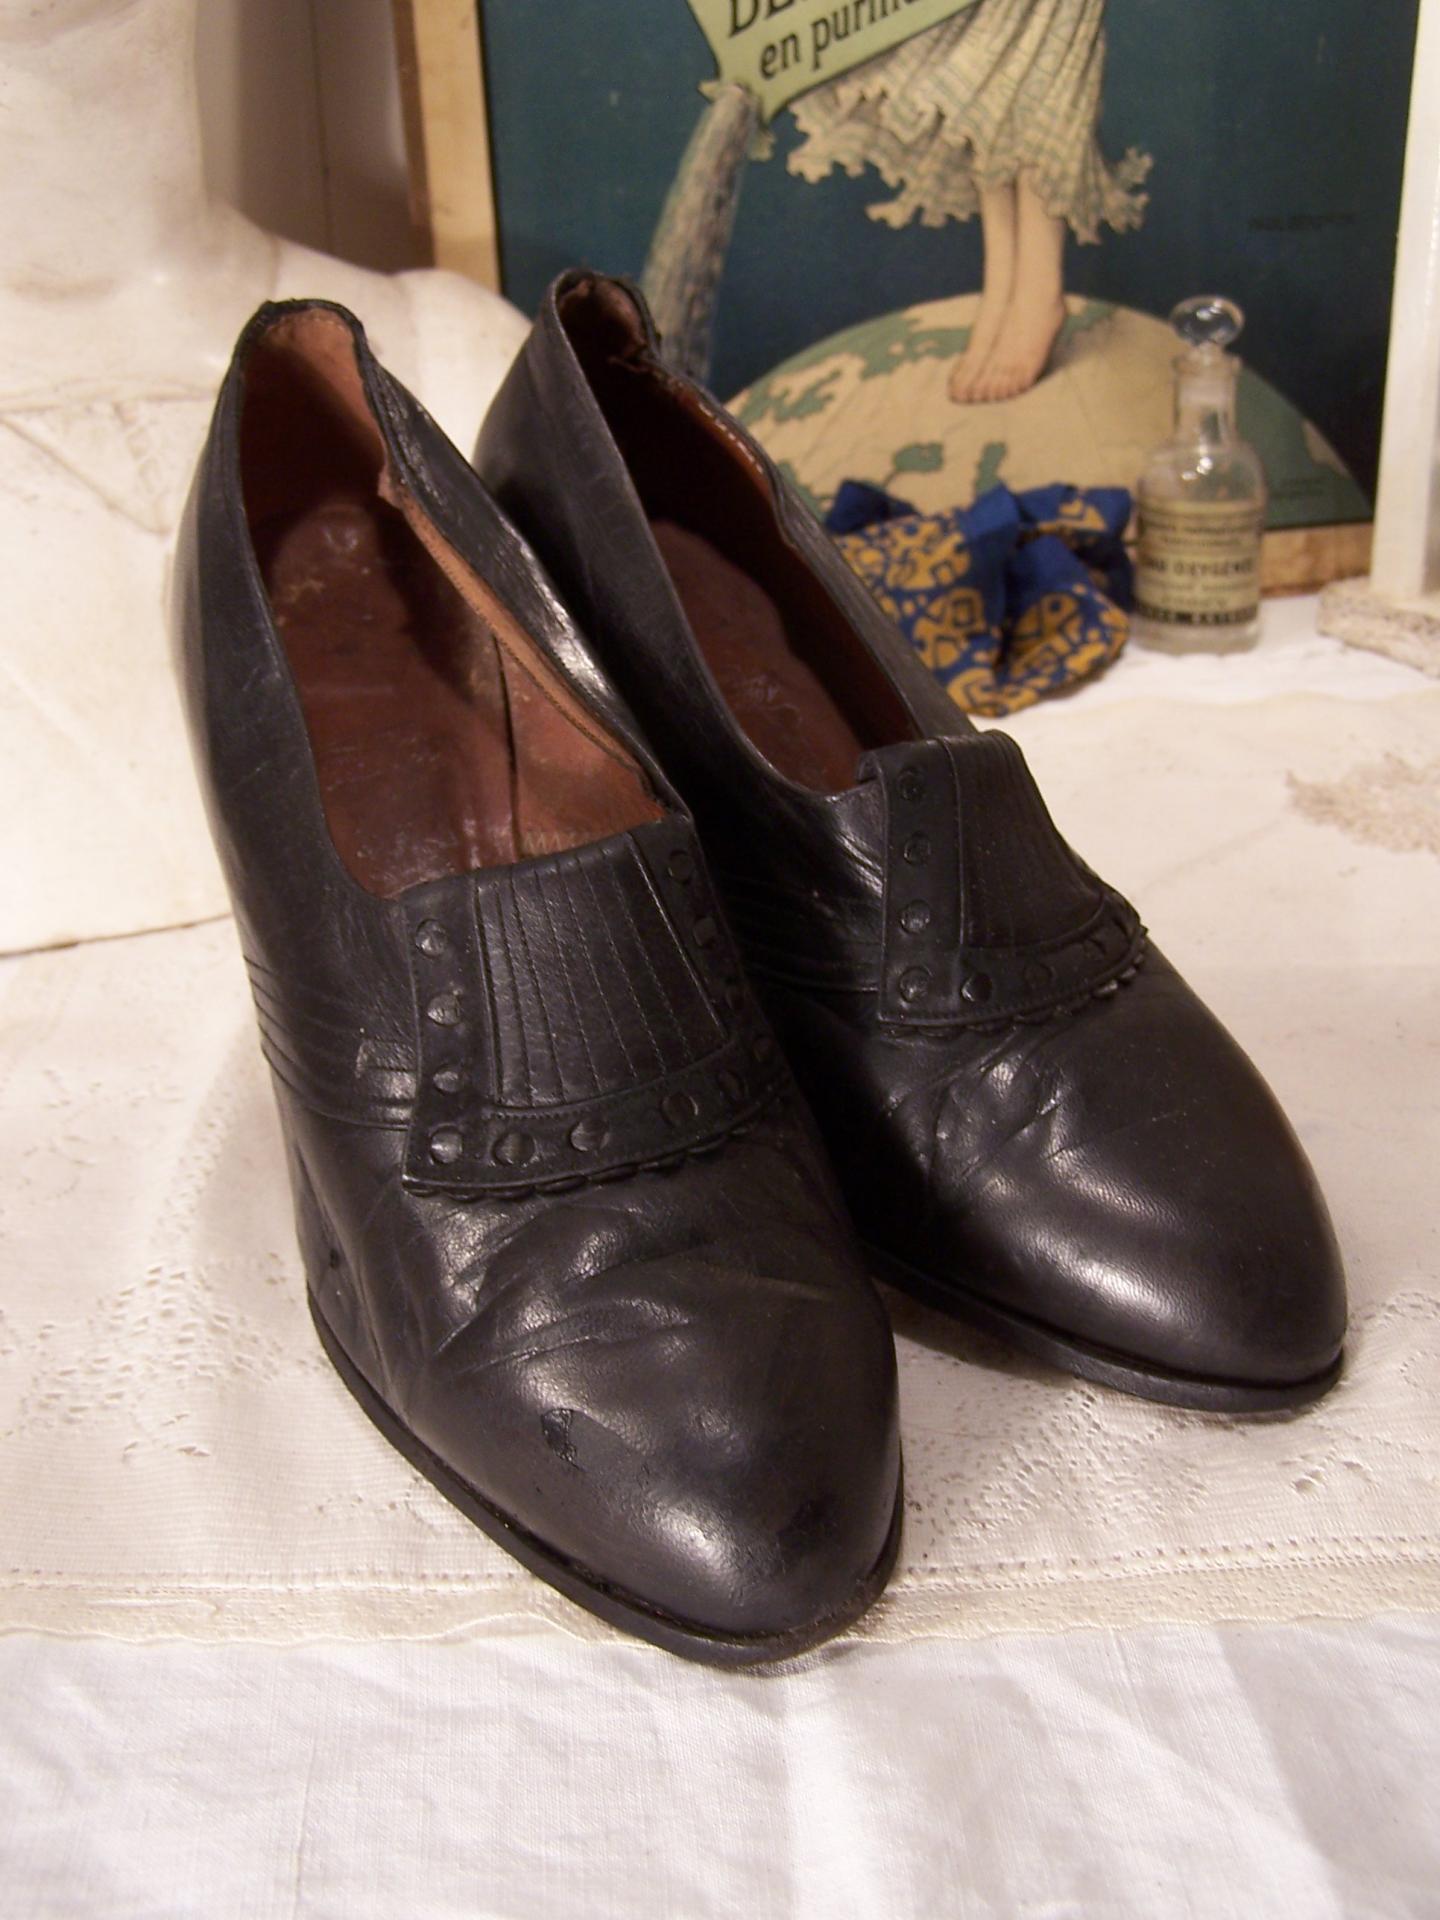 chaussures en cuir chaussure de femme des ann es 40 chaussures vintage. Black Bedroom Furniture Sets. Home Design Ideas